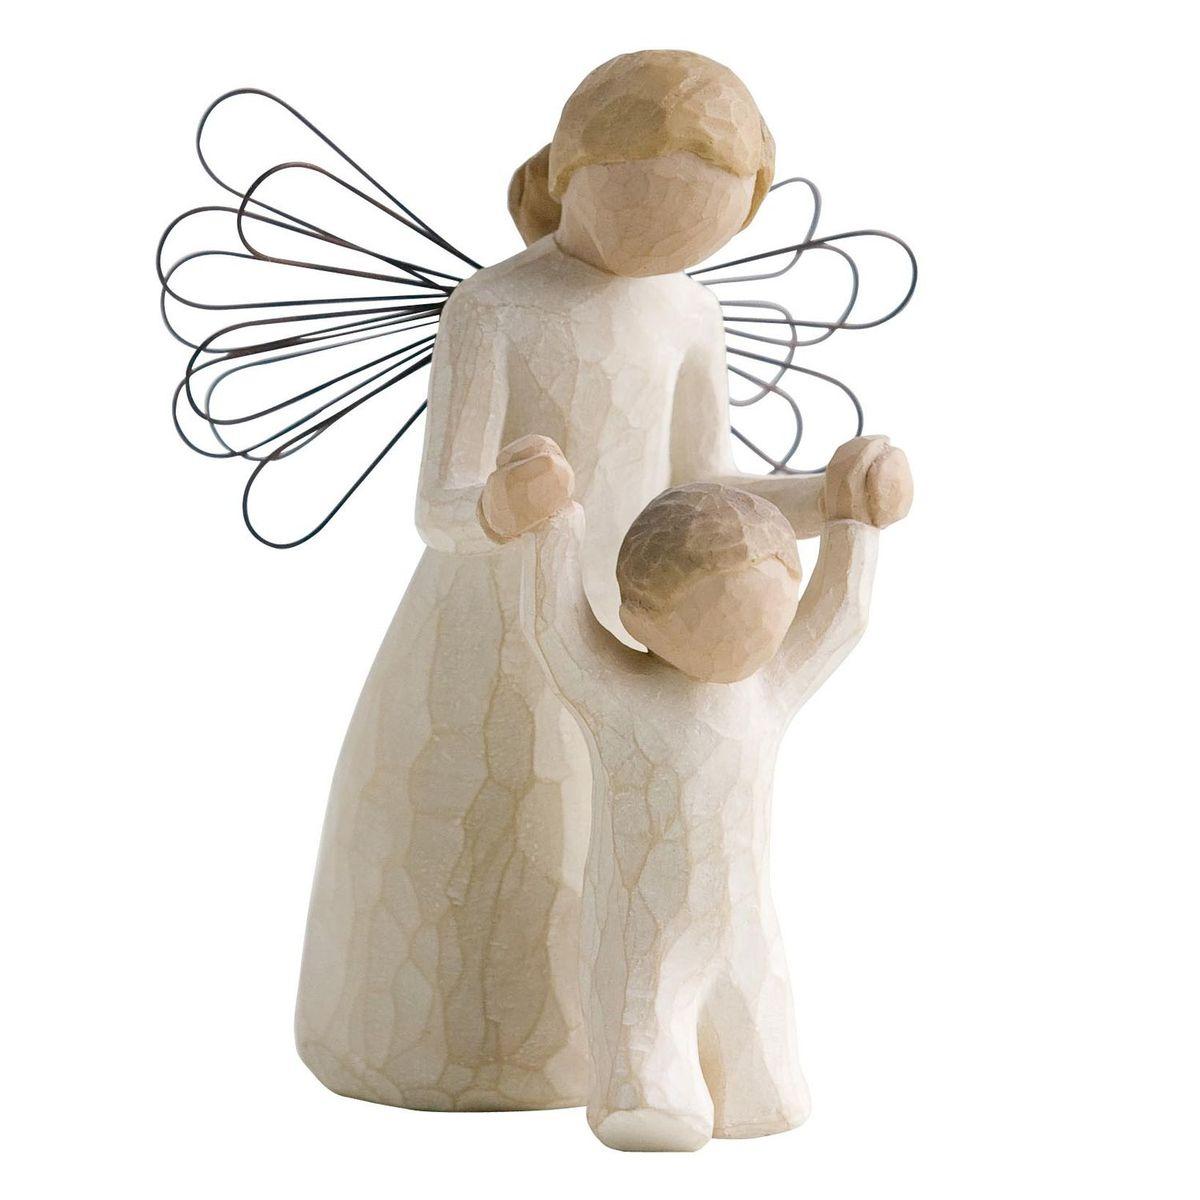 Фигурка декоративная Willow Tree Ангел-хранитель, высота 13 см26034Декоративная фигурка Willow Tree создана канадским скульптором Сьюзан Лорди. Фигурка выполнена из искусственного камня (49% карбонат кальция мелкозернистой разновидности, 51% искусственный камень).Фигурка Willow Tree – это настоящее произведение искусства, образная скульптура в миниатюре, изображающая эмоции и чувства, которые помогают чувствовать себя ближе к другим, верить в мечту, выражать любовь.Фигурка помещена в красивую упаковку.Купить такой оригинальный подарок, значит не только украсить интерьер помещения или жилой комнаты, но выразить свое глубокое отношение к любимому человеку. Этот прекрасный сувенир будет лучшим подарком на день ангела, именины, день рождения, юбилей.